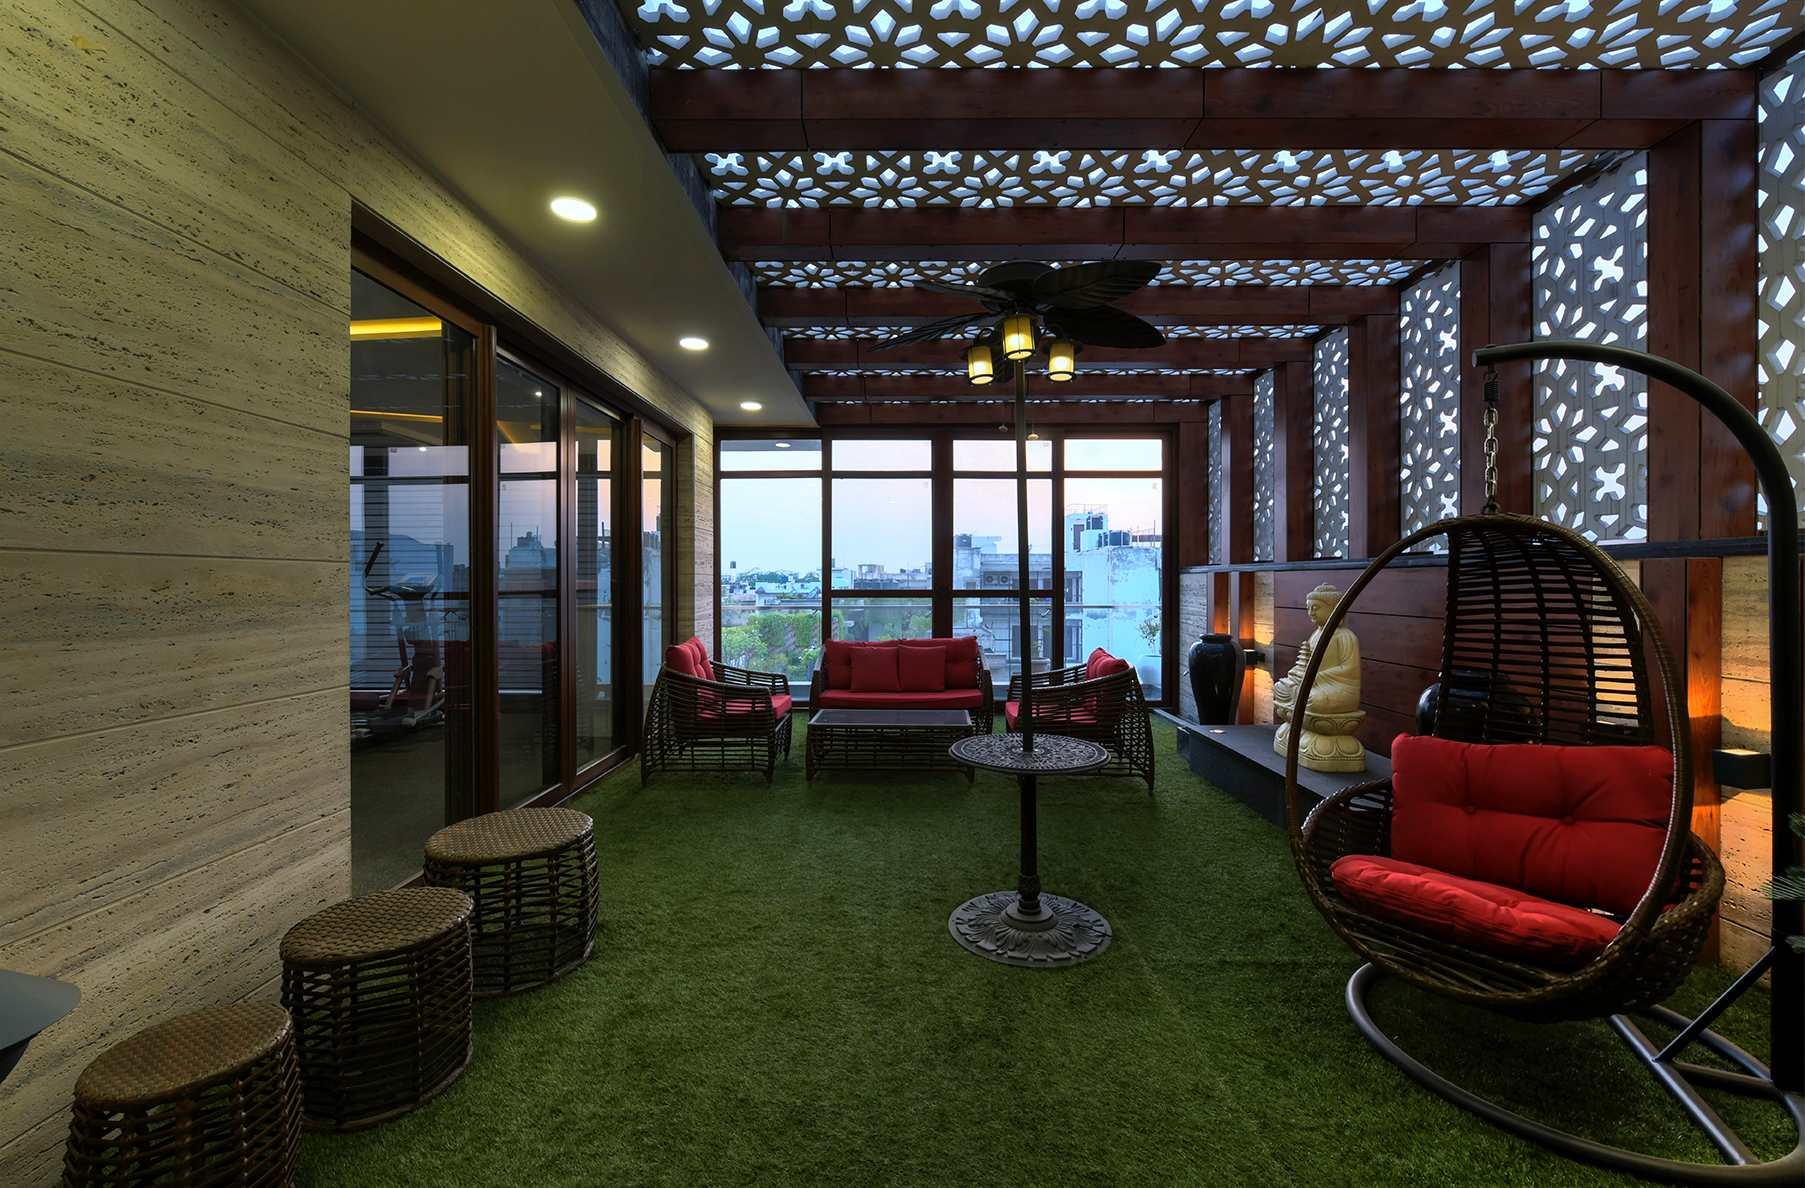 luxury interior design in punjabi bagh delhi